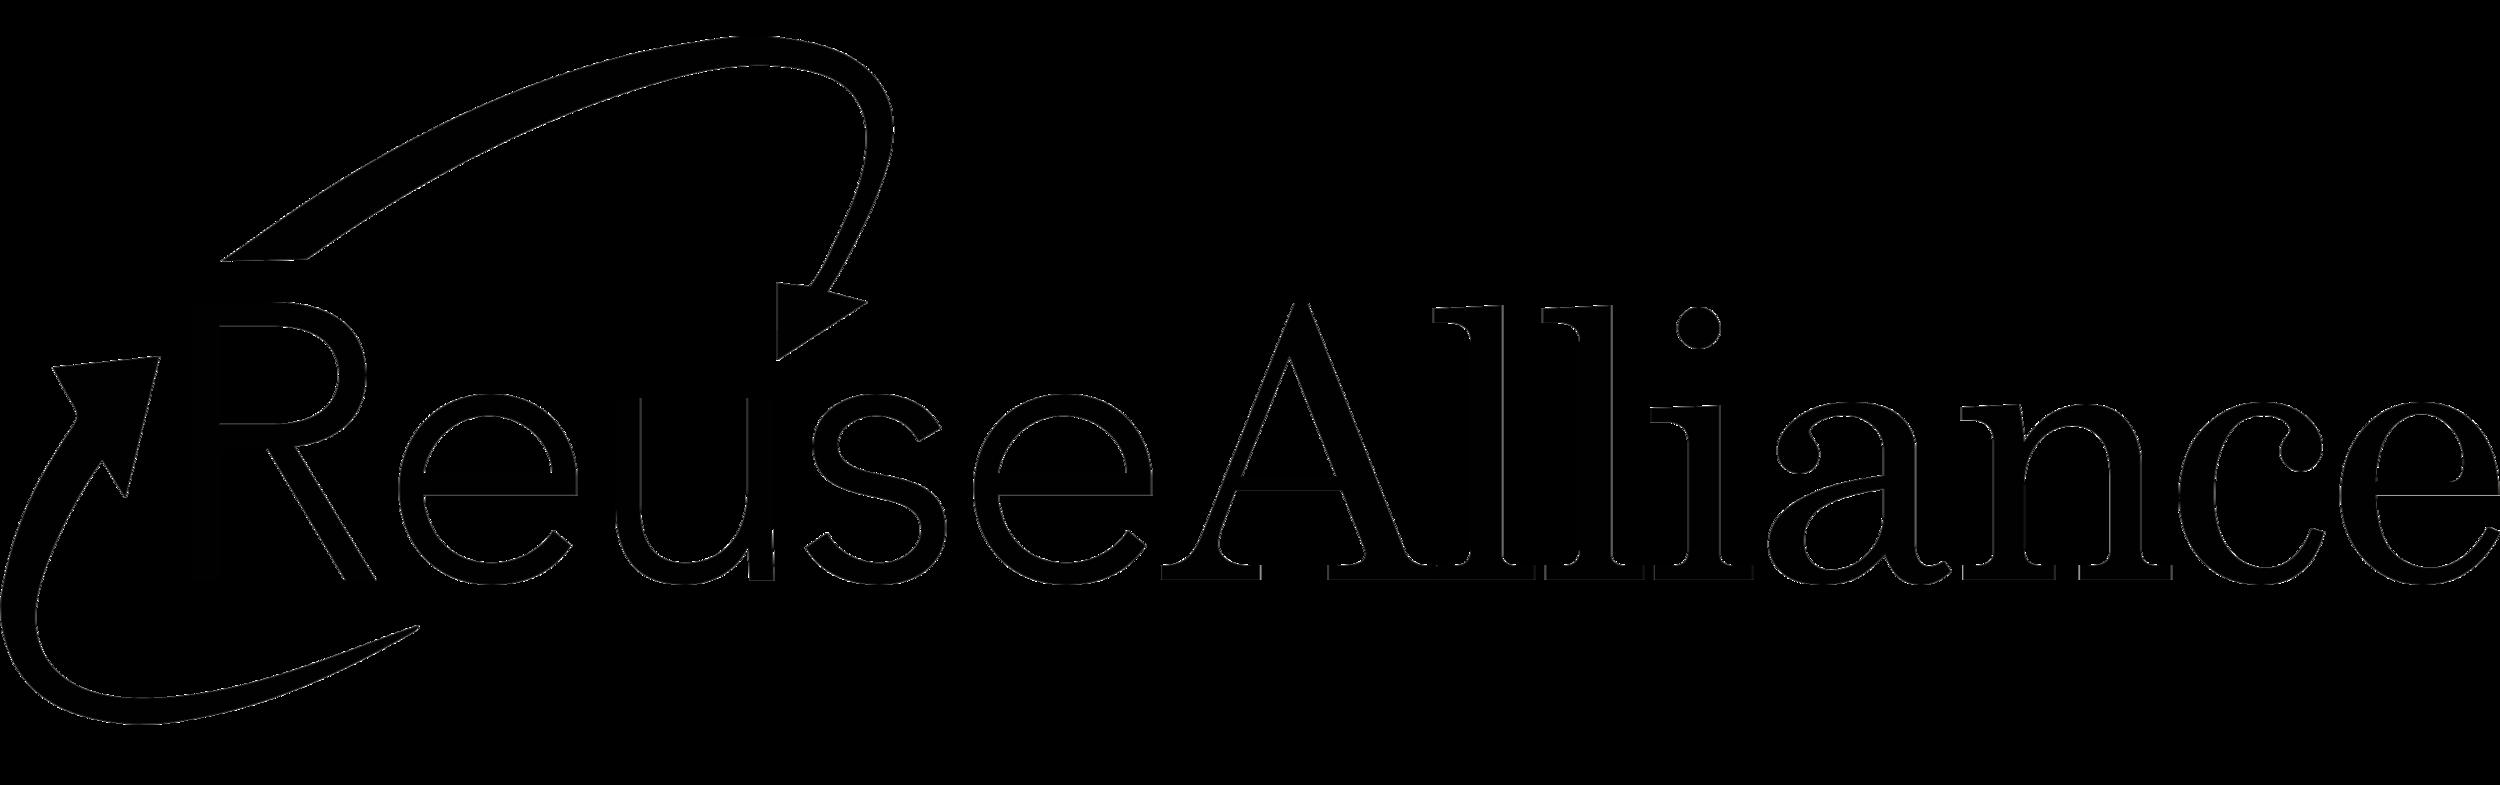 reuse_alliance_black_logo.jpg